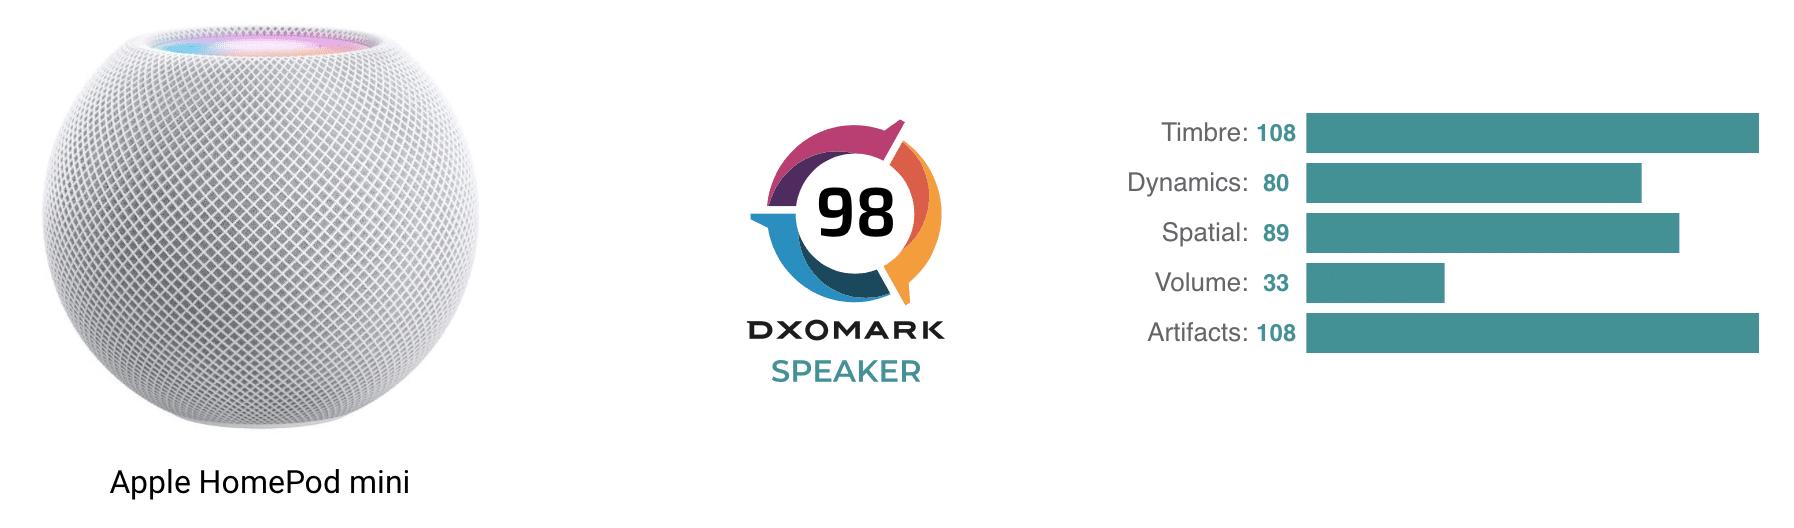 Avaliação do HomePod mini pela DXOMARK